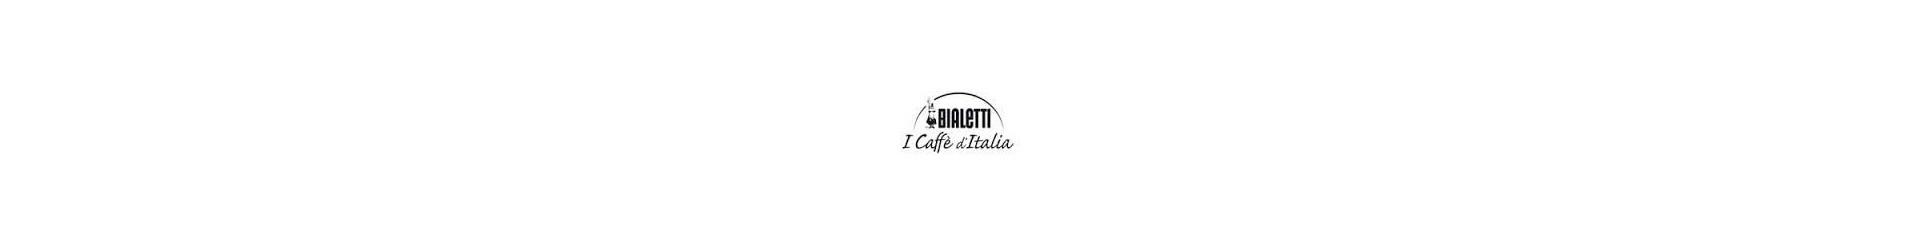 Caffè Bialetti originali